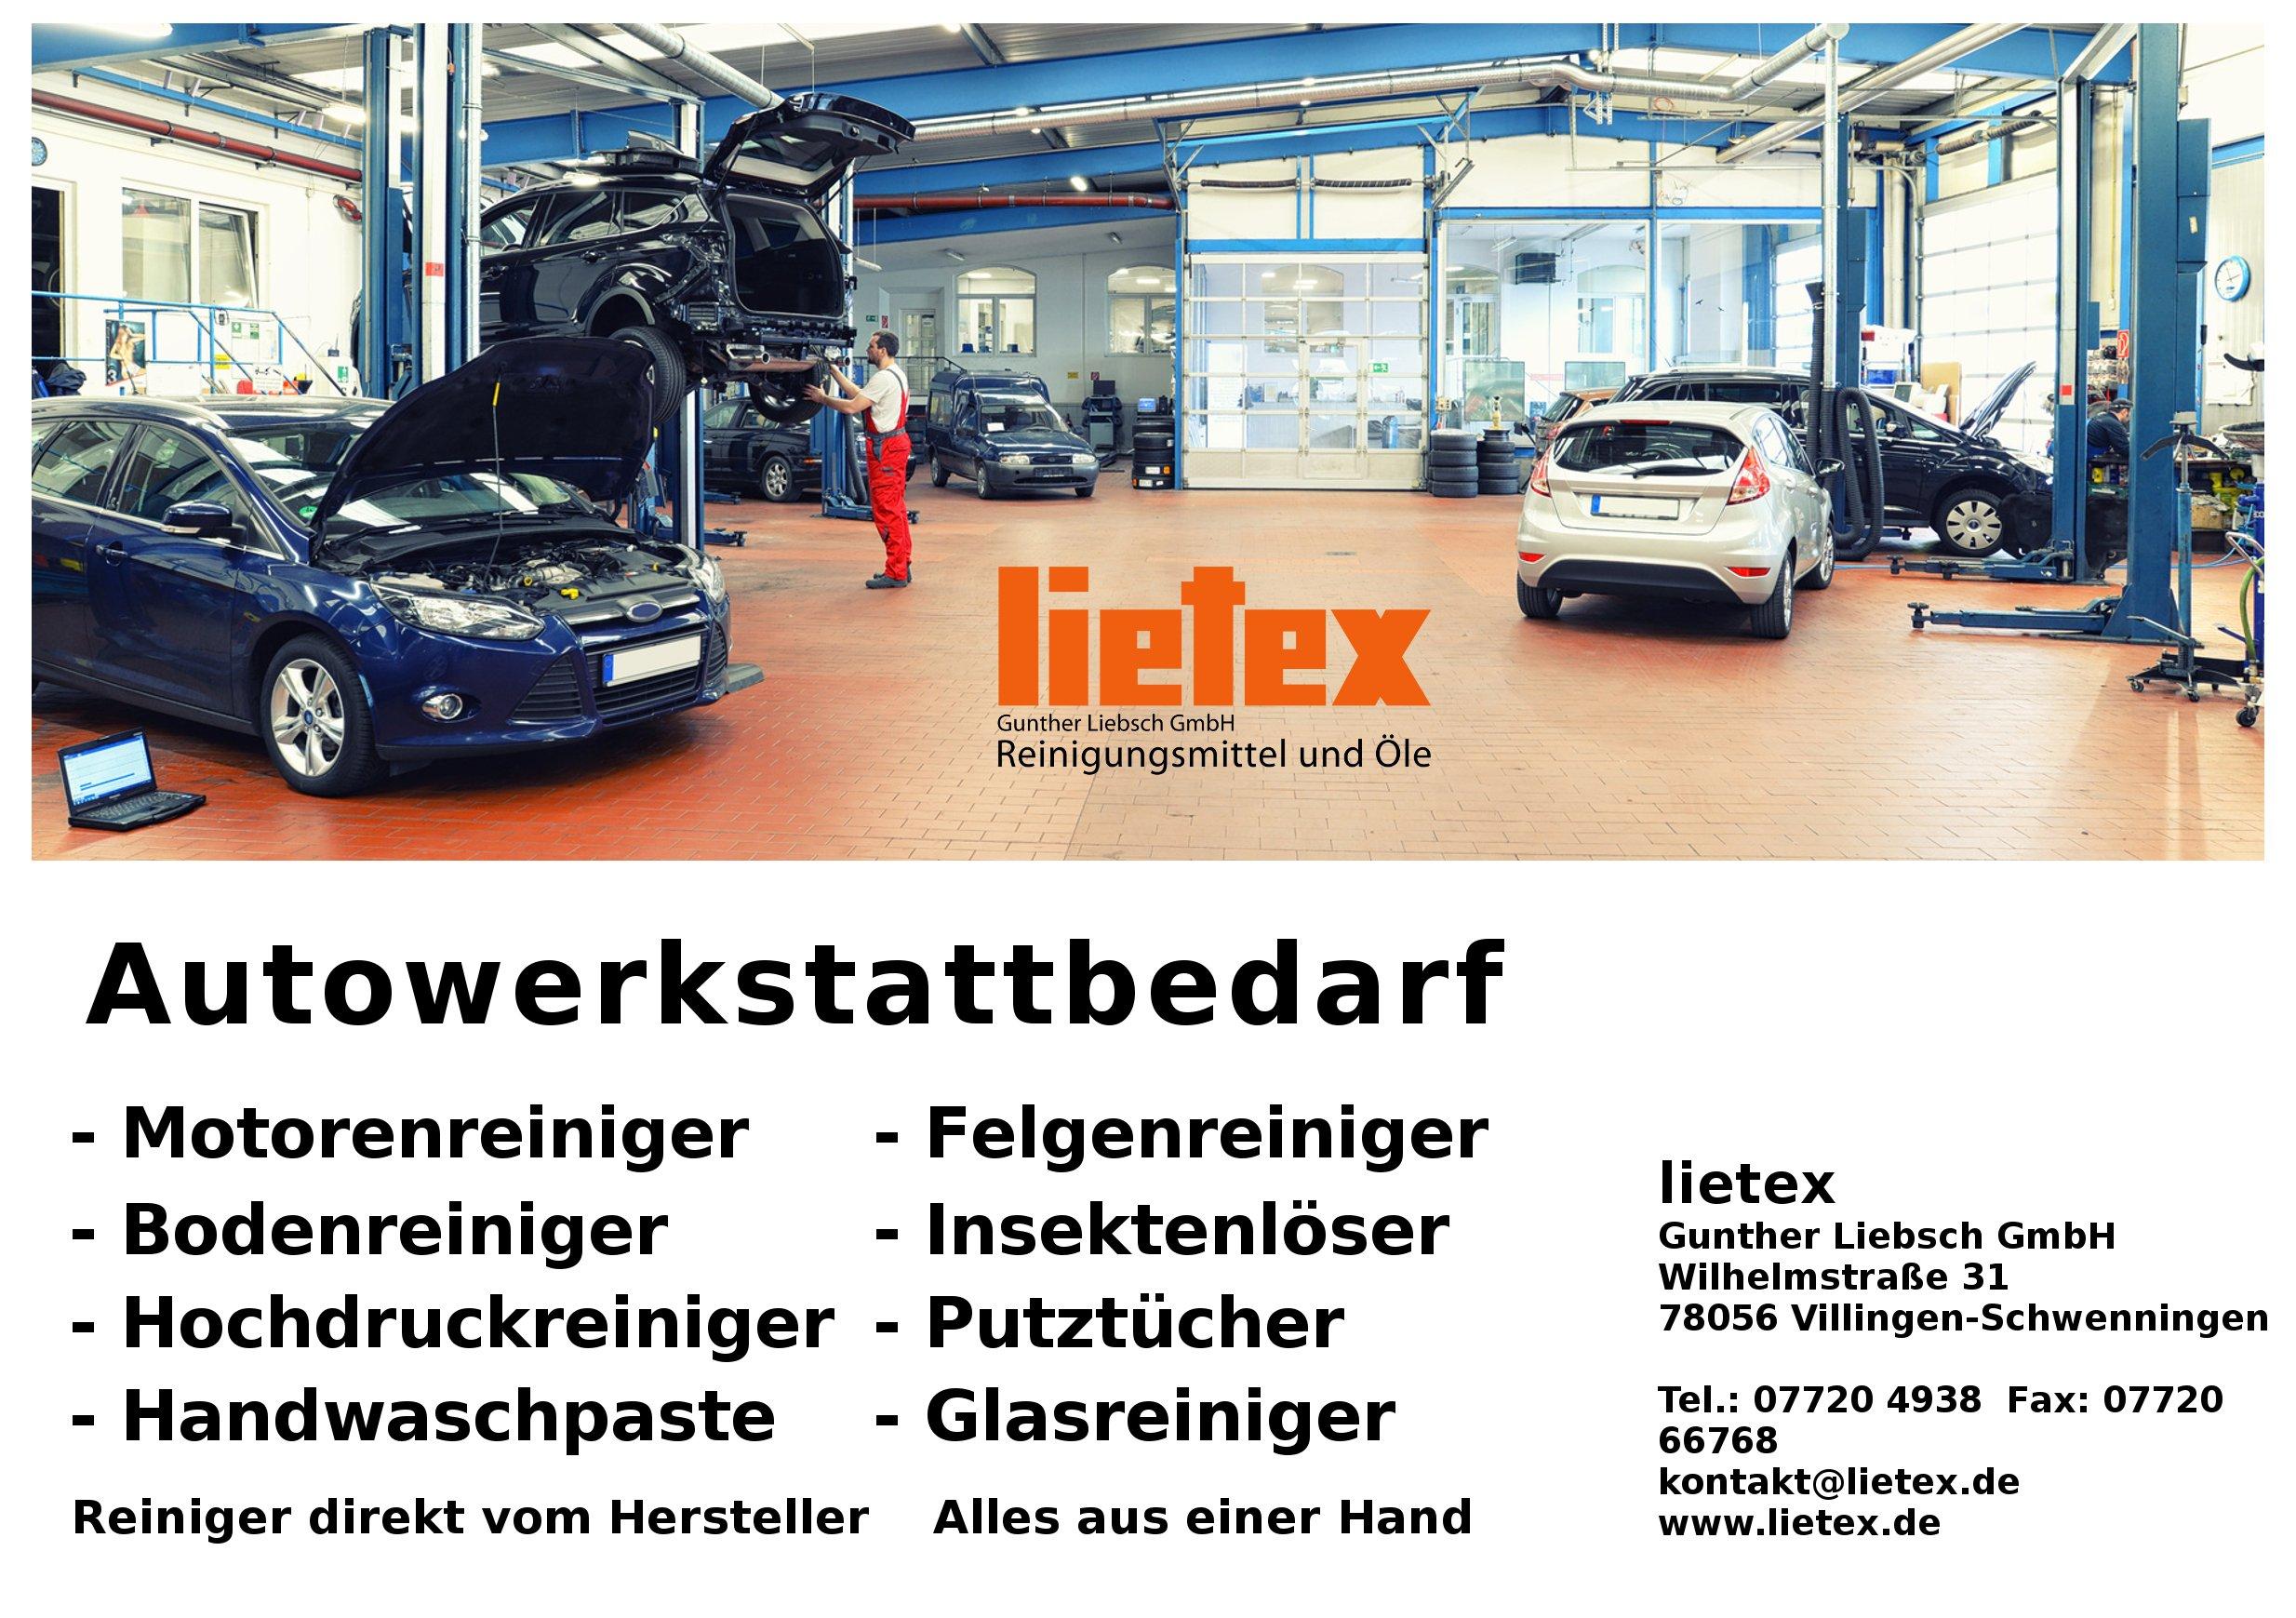 Lietex Autowerkstattbedarf, Videos zu Produkten